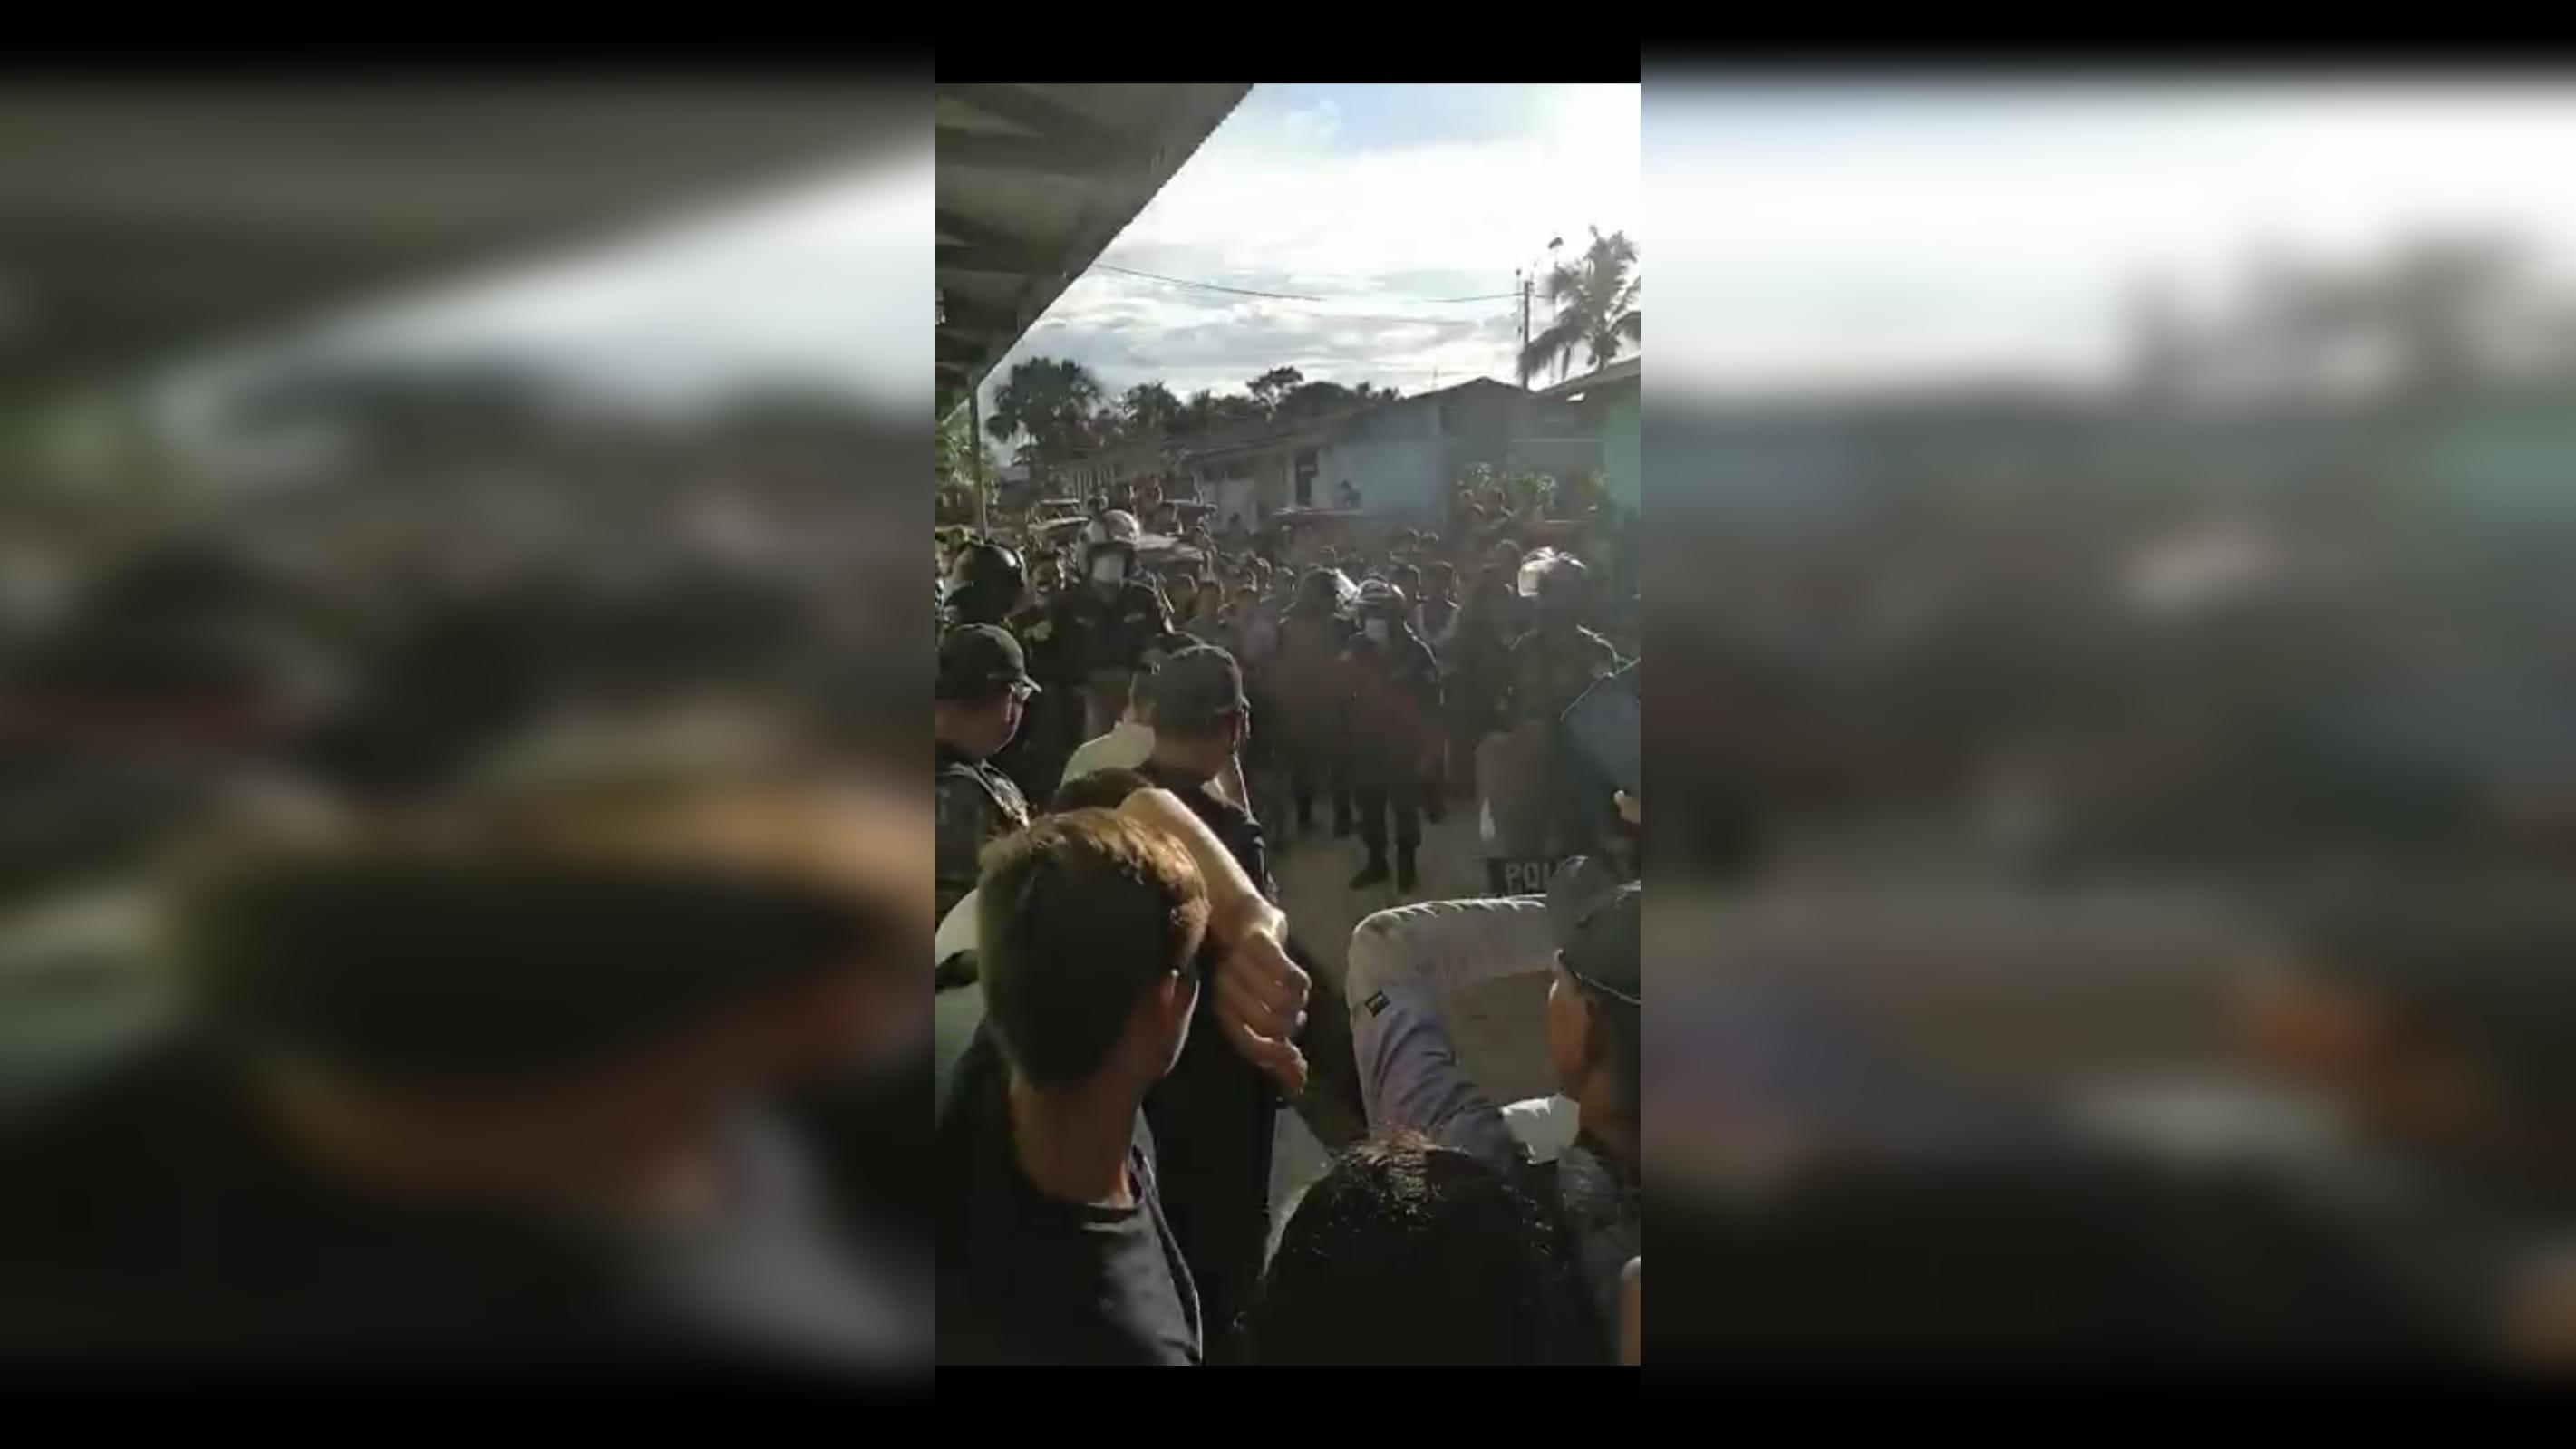 El incidente ocurrido está siendo investigado por el Comando de la Policía Nacional.